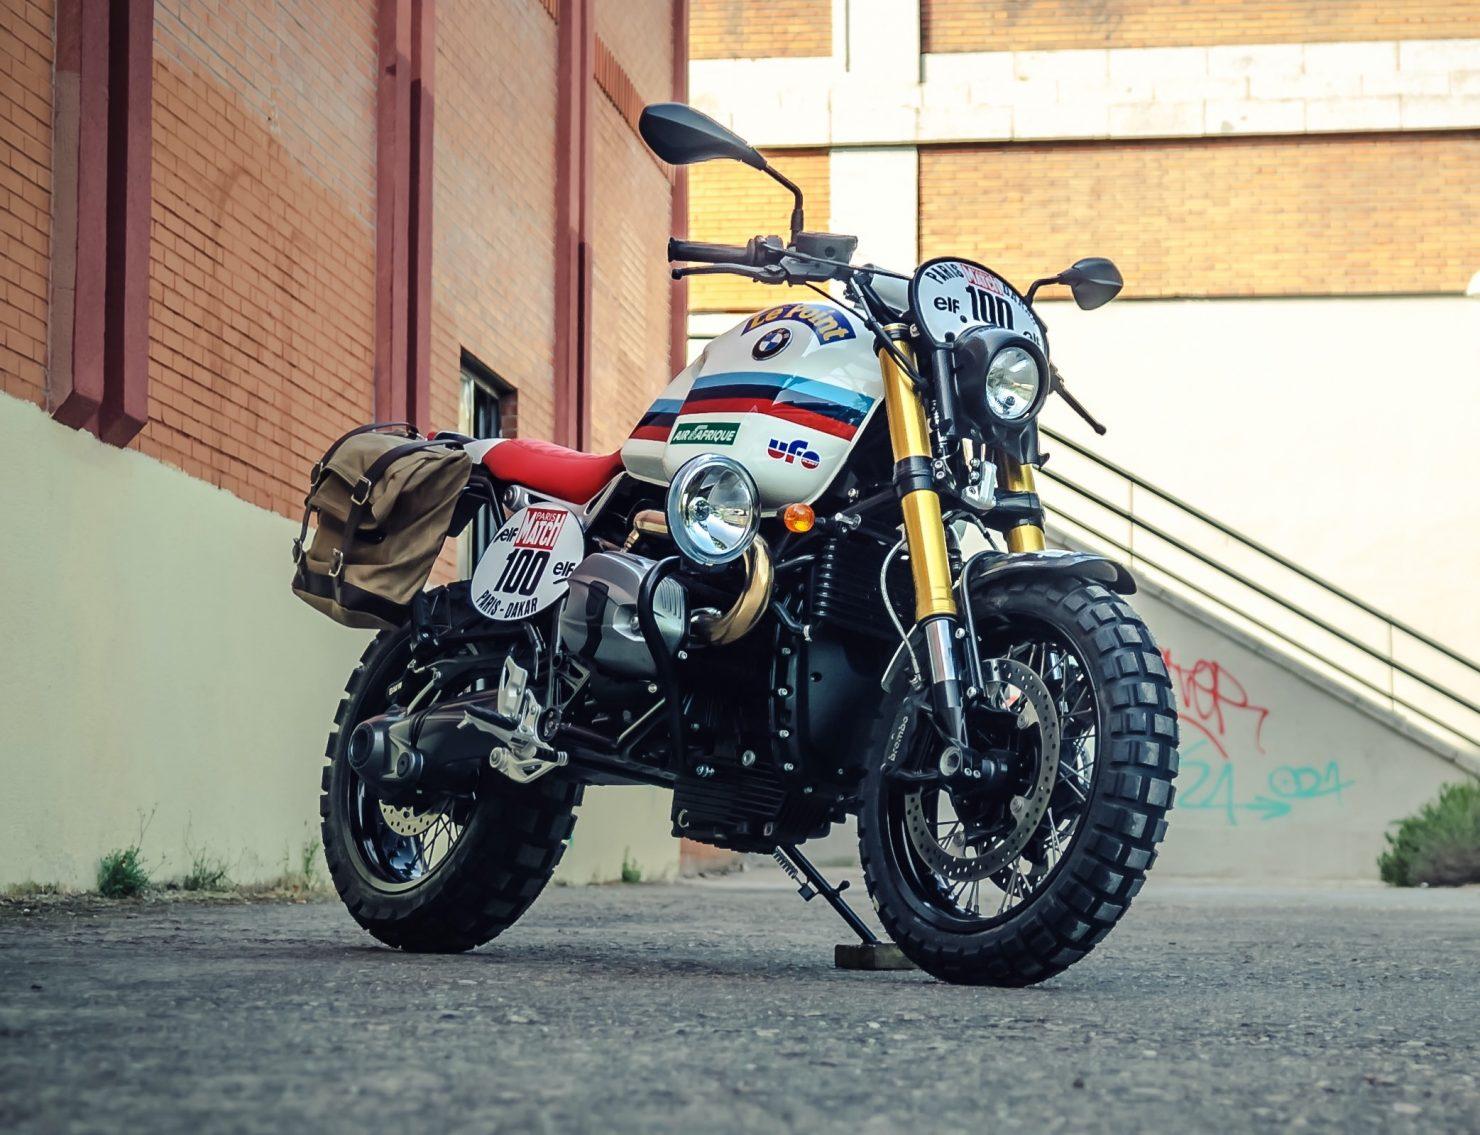 BMW R Nine T Custom Motorbike 14 1480x1135 - XTR Pepo BMW R nineT Paris Dakar